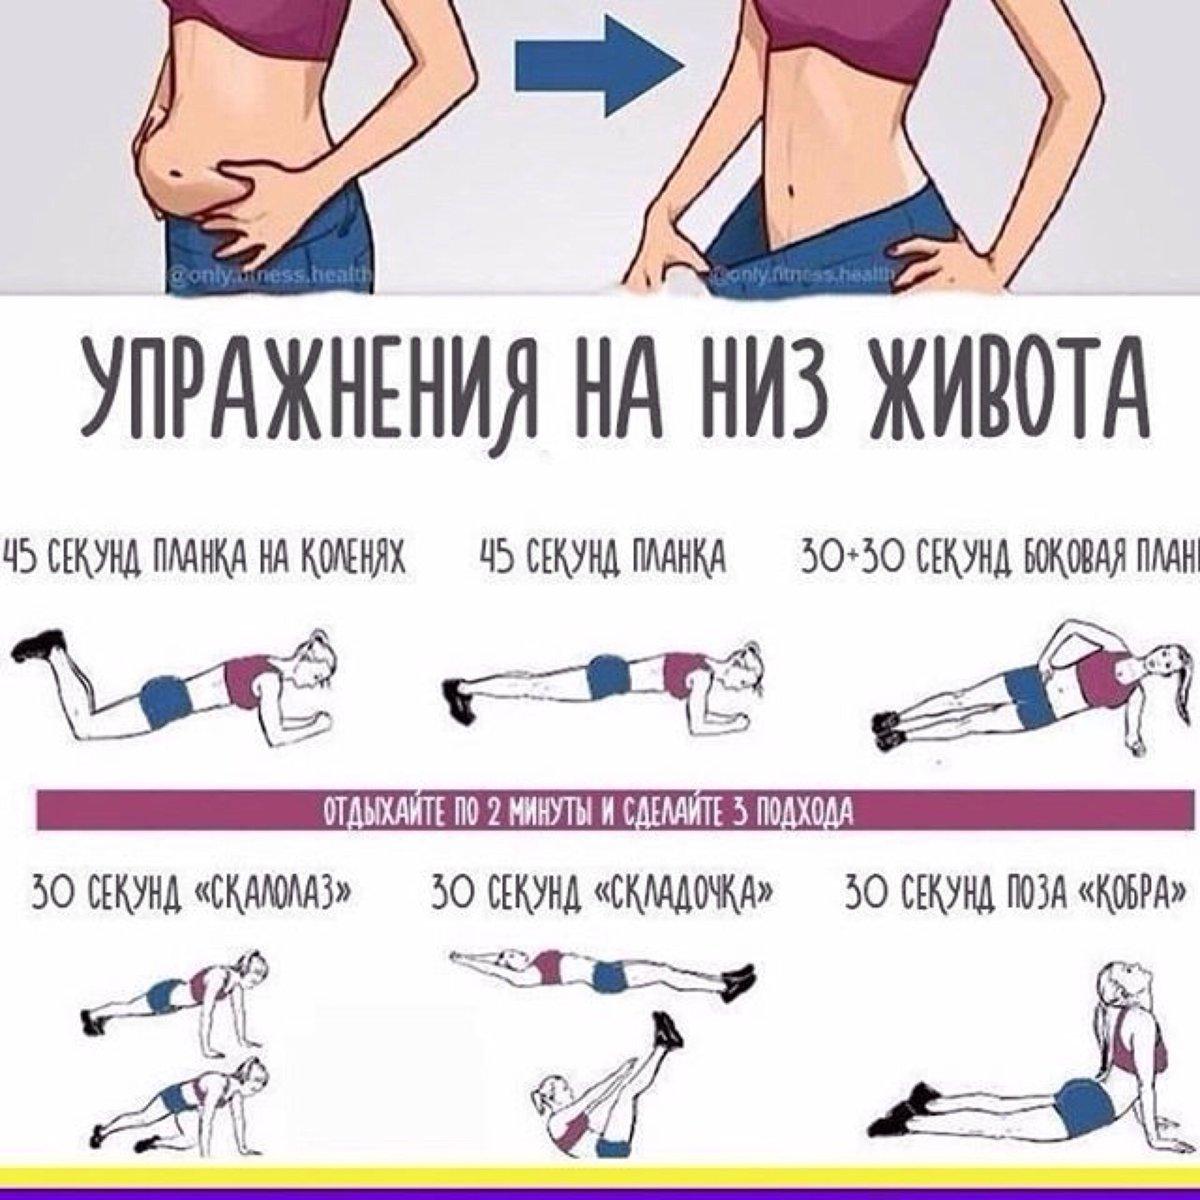 хорошо упражнение в картинках убрать жир и бока в домашних условиях каждой карточке